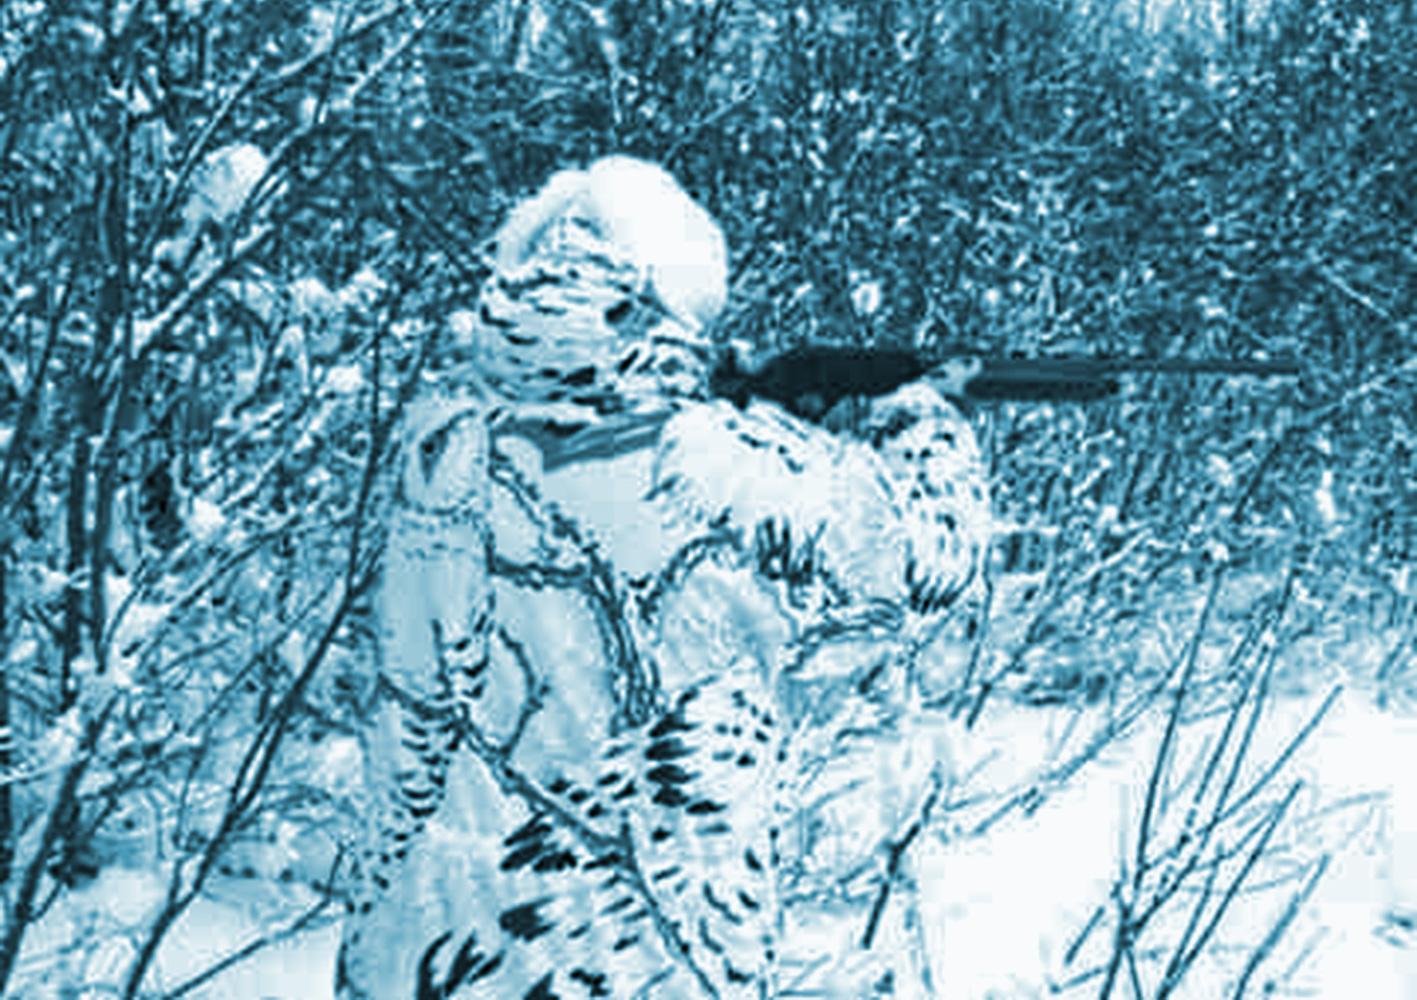 Аукцион охотничьих лицензий RMK